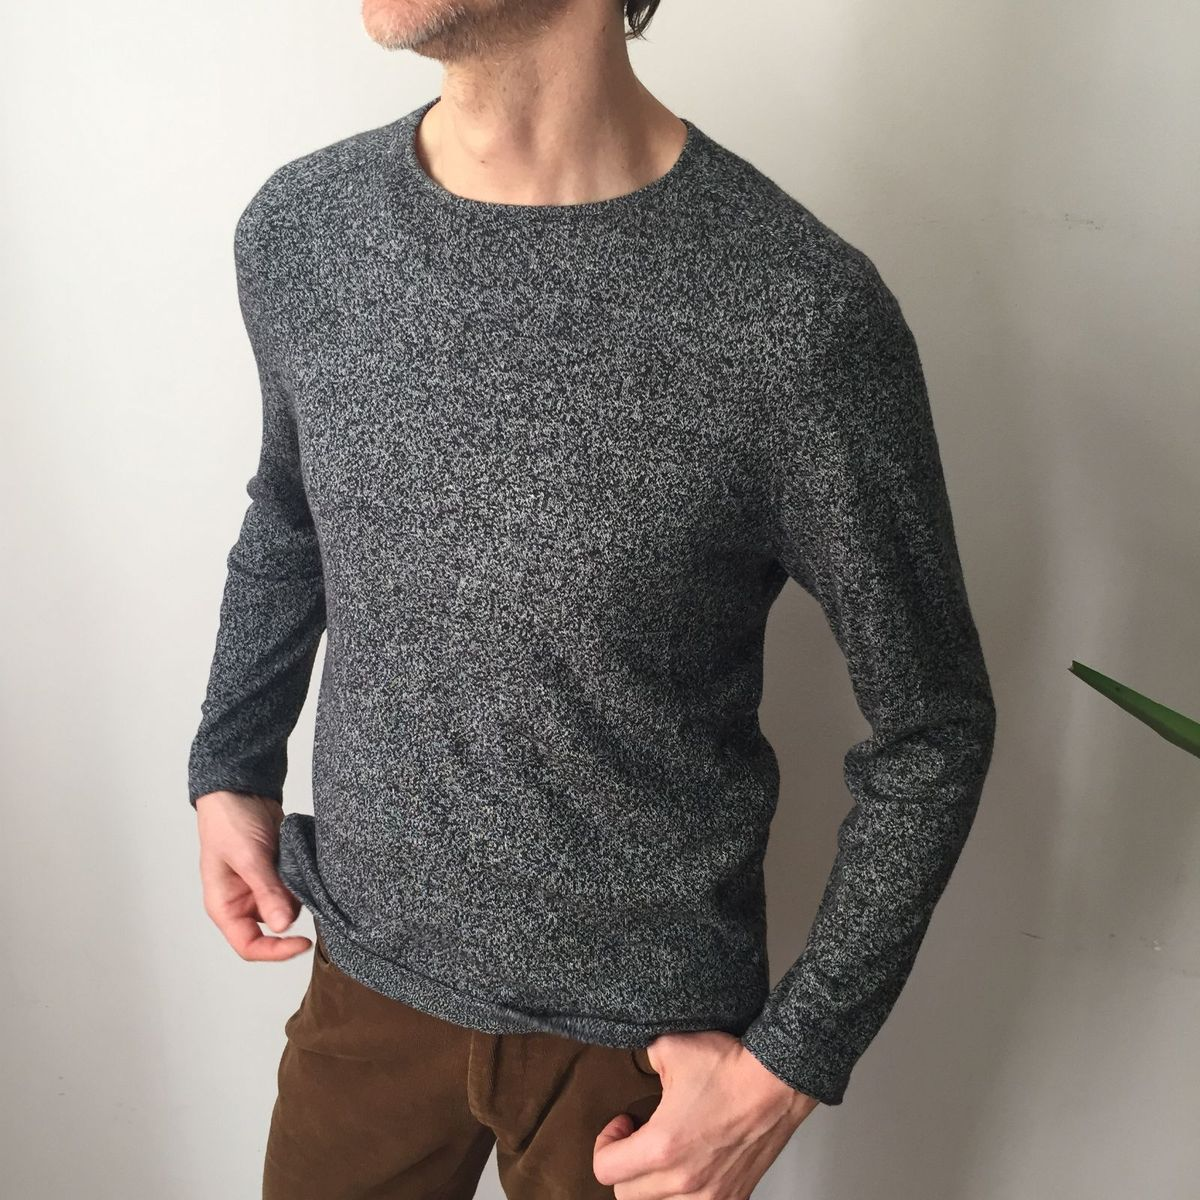 trico mescla zara man - casacos zara man